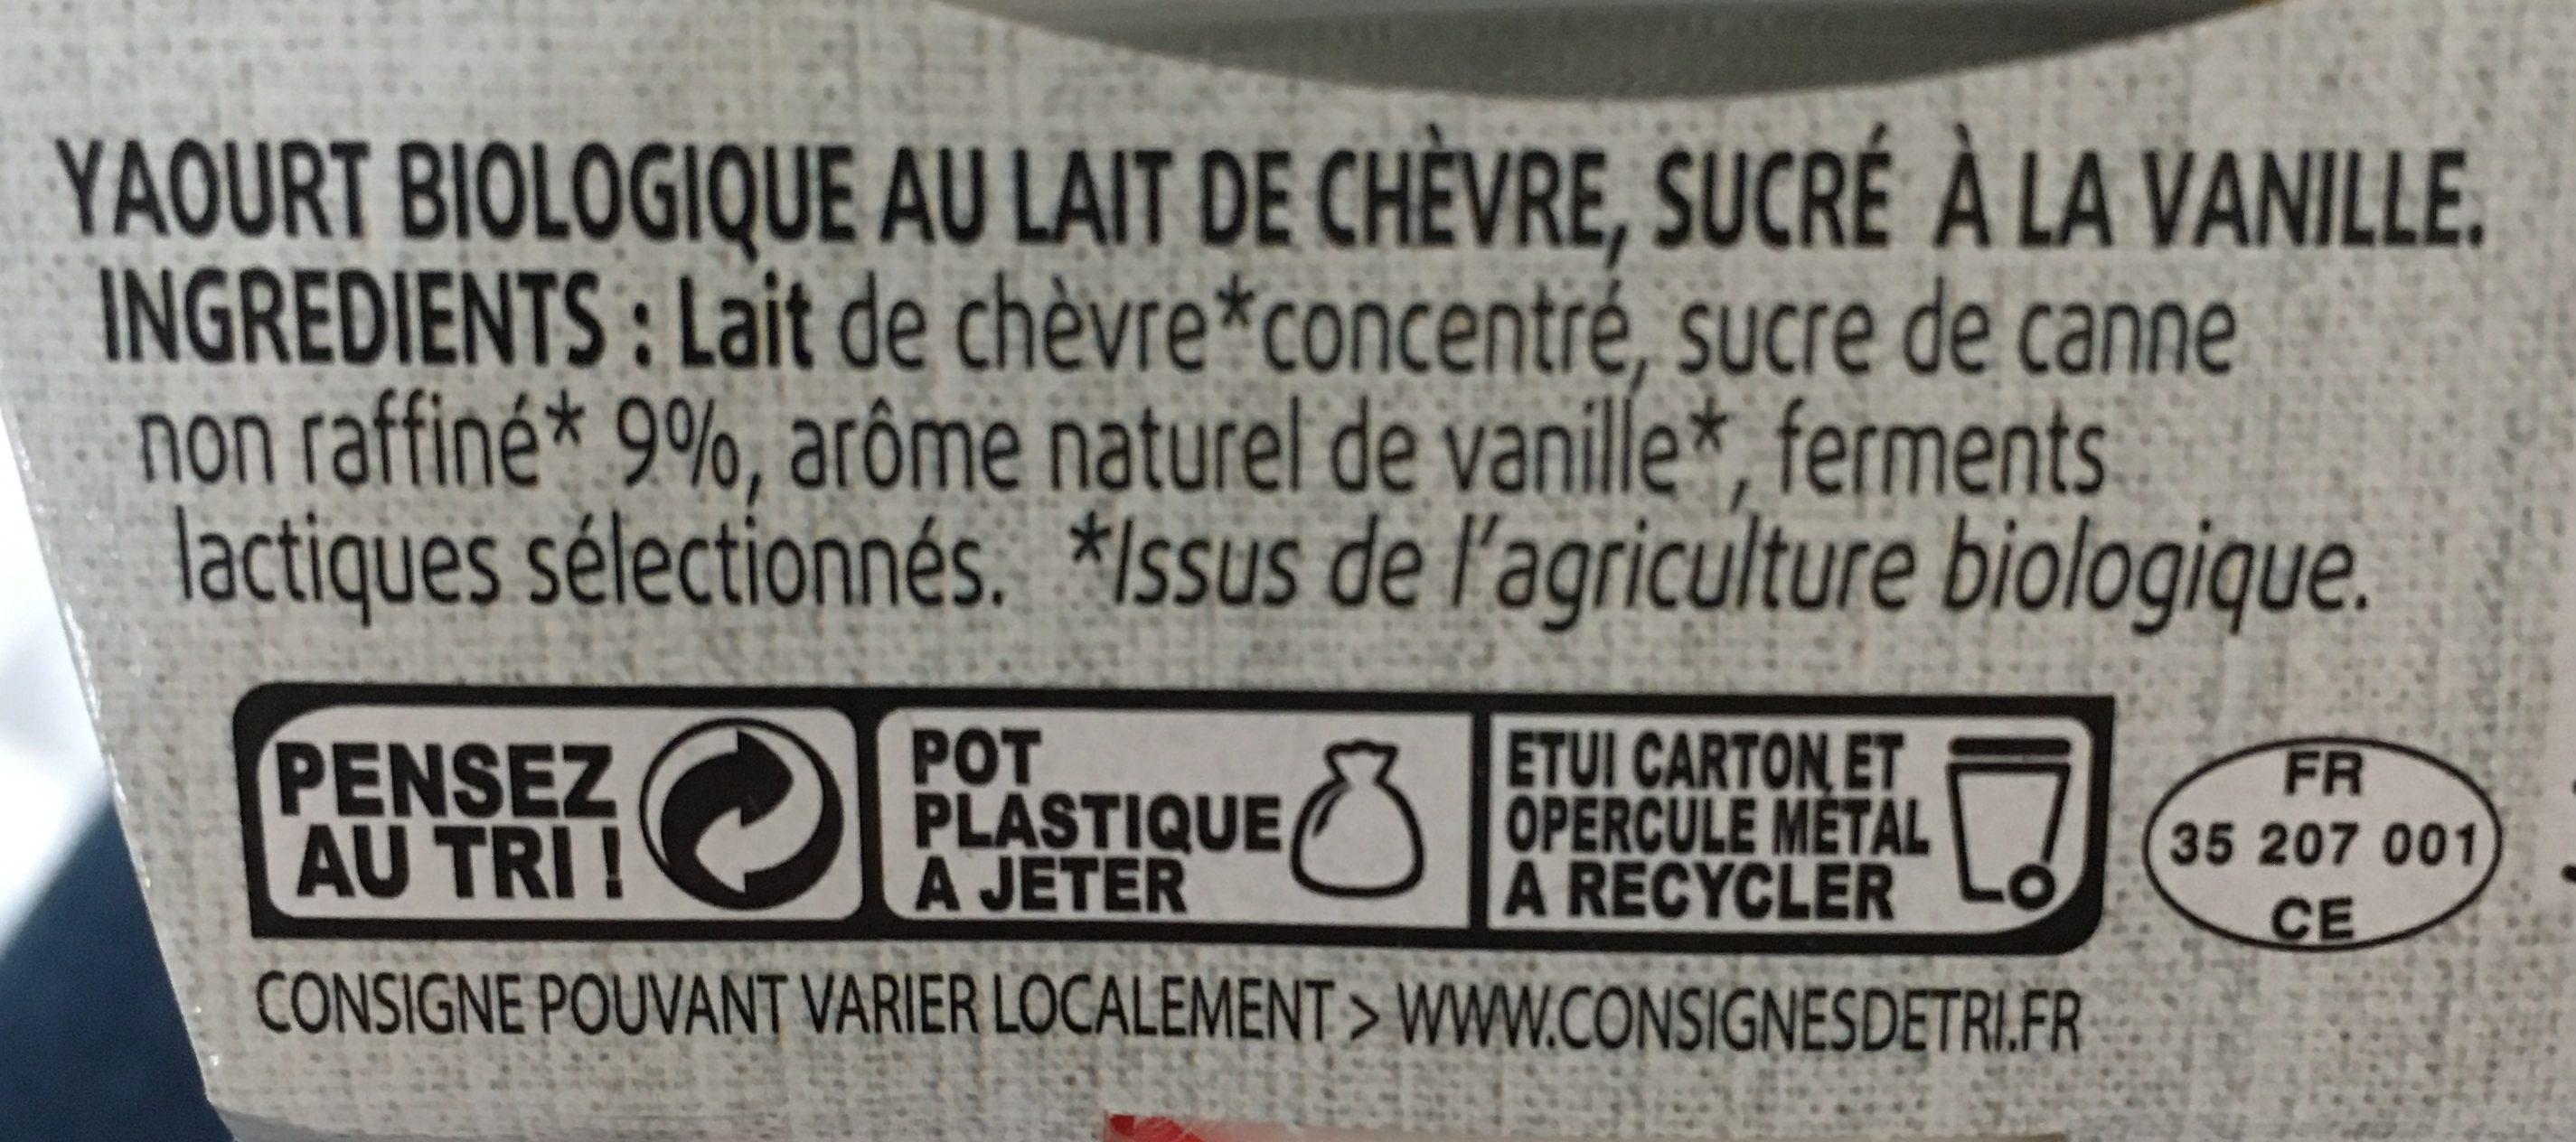 Yaourt De Chevre Vanille 2 x - Ingrédients - fr